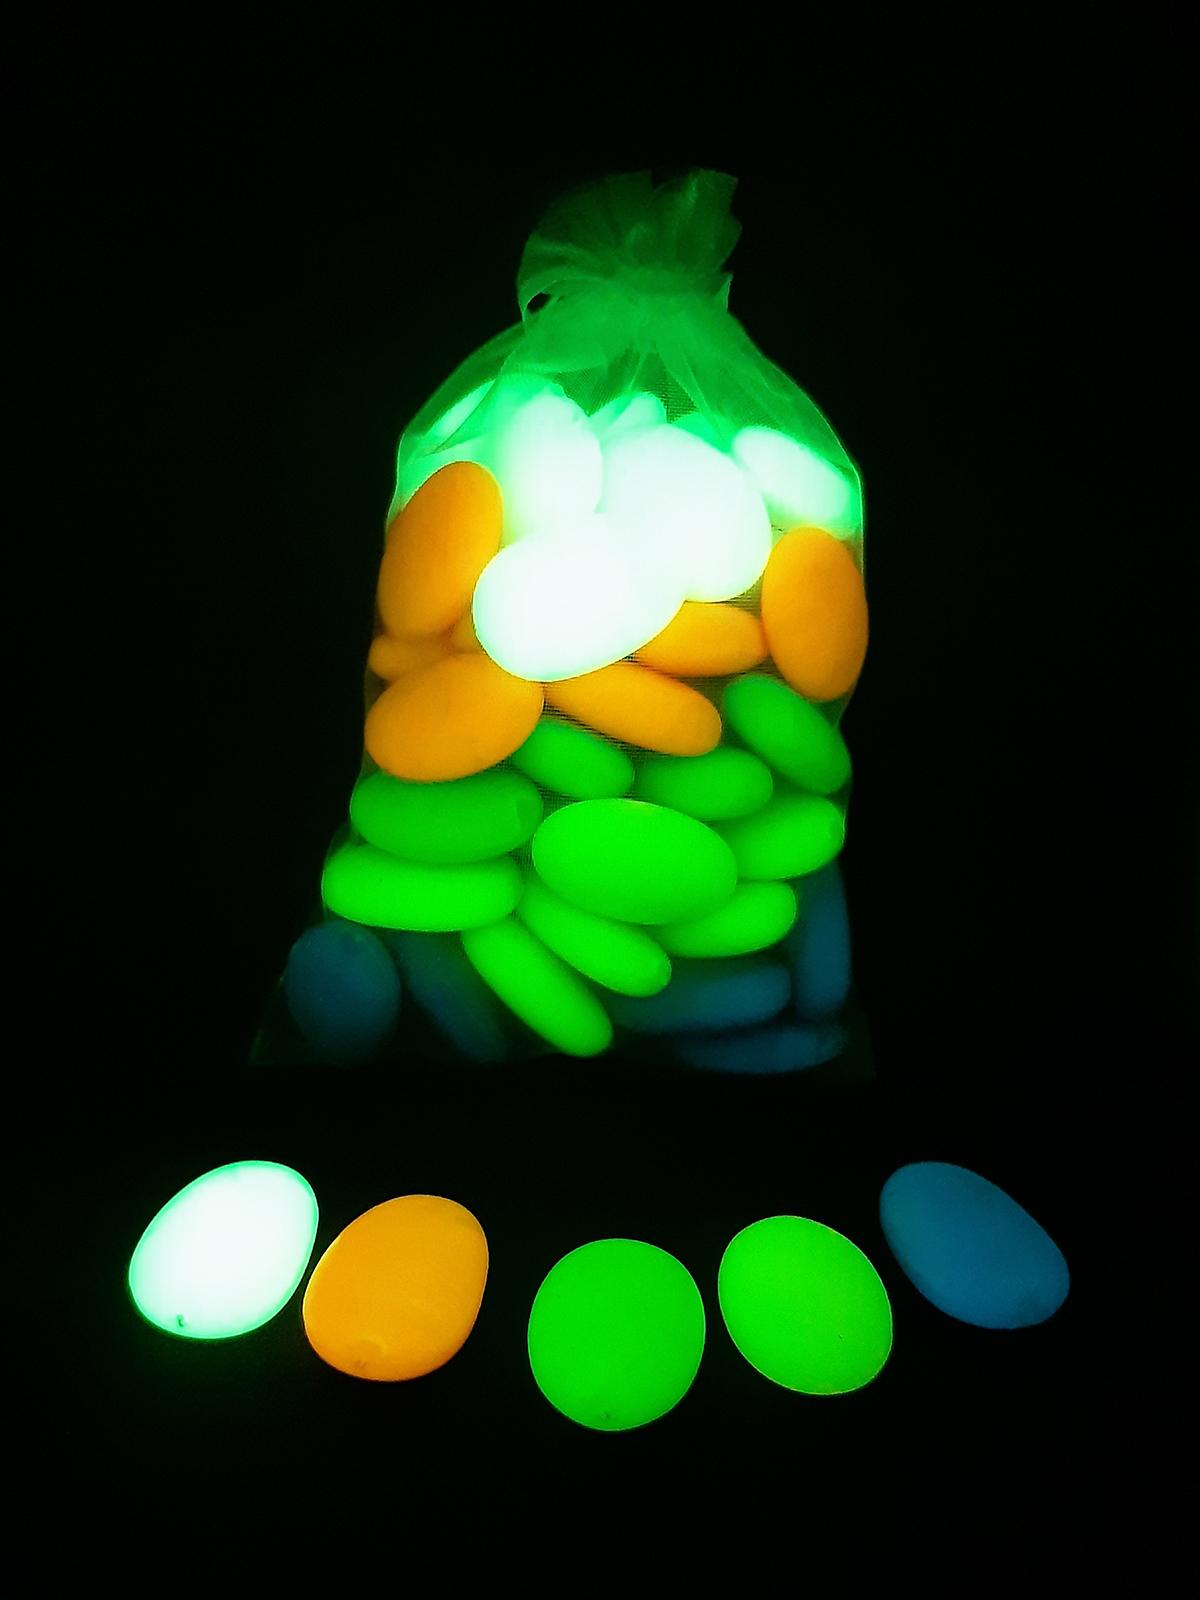 Piedras flúor luminiscentes